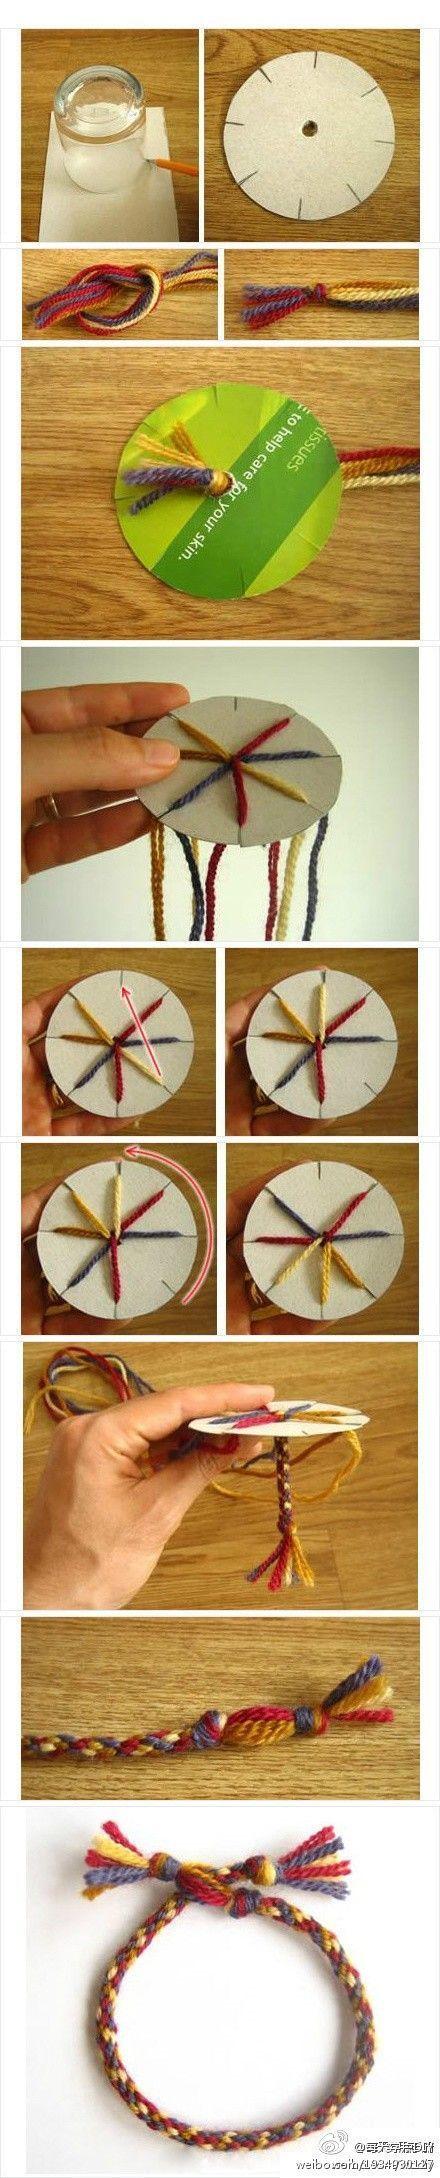 Mooie armband gemaakt op een ronde weefgetouw - - Bastel Ideen -